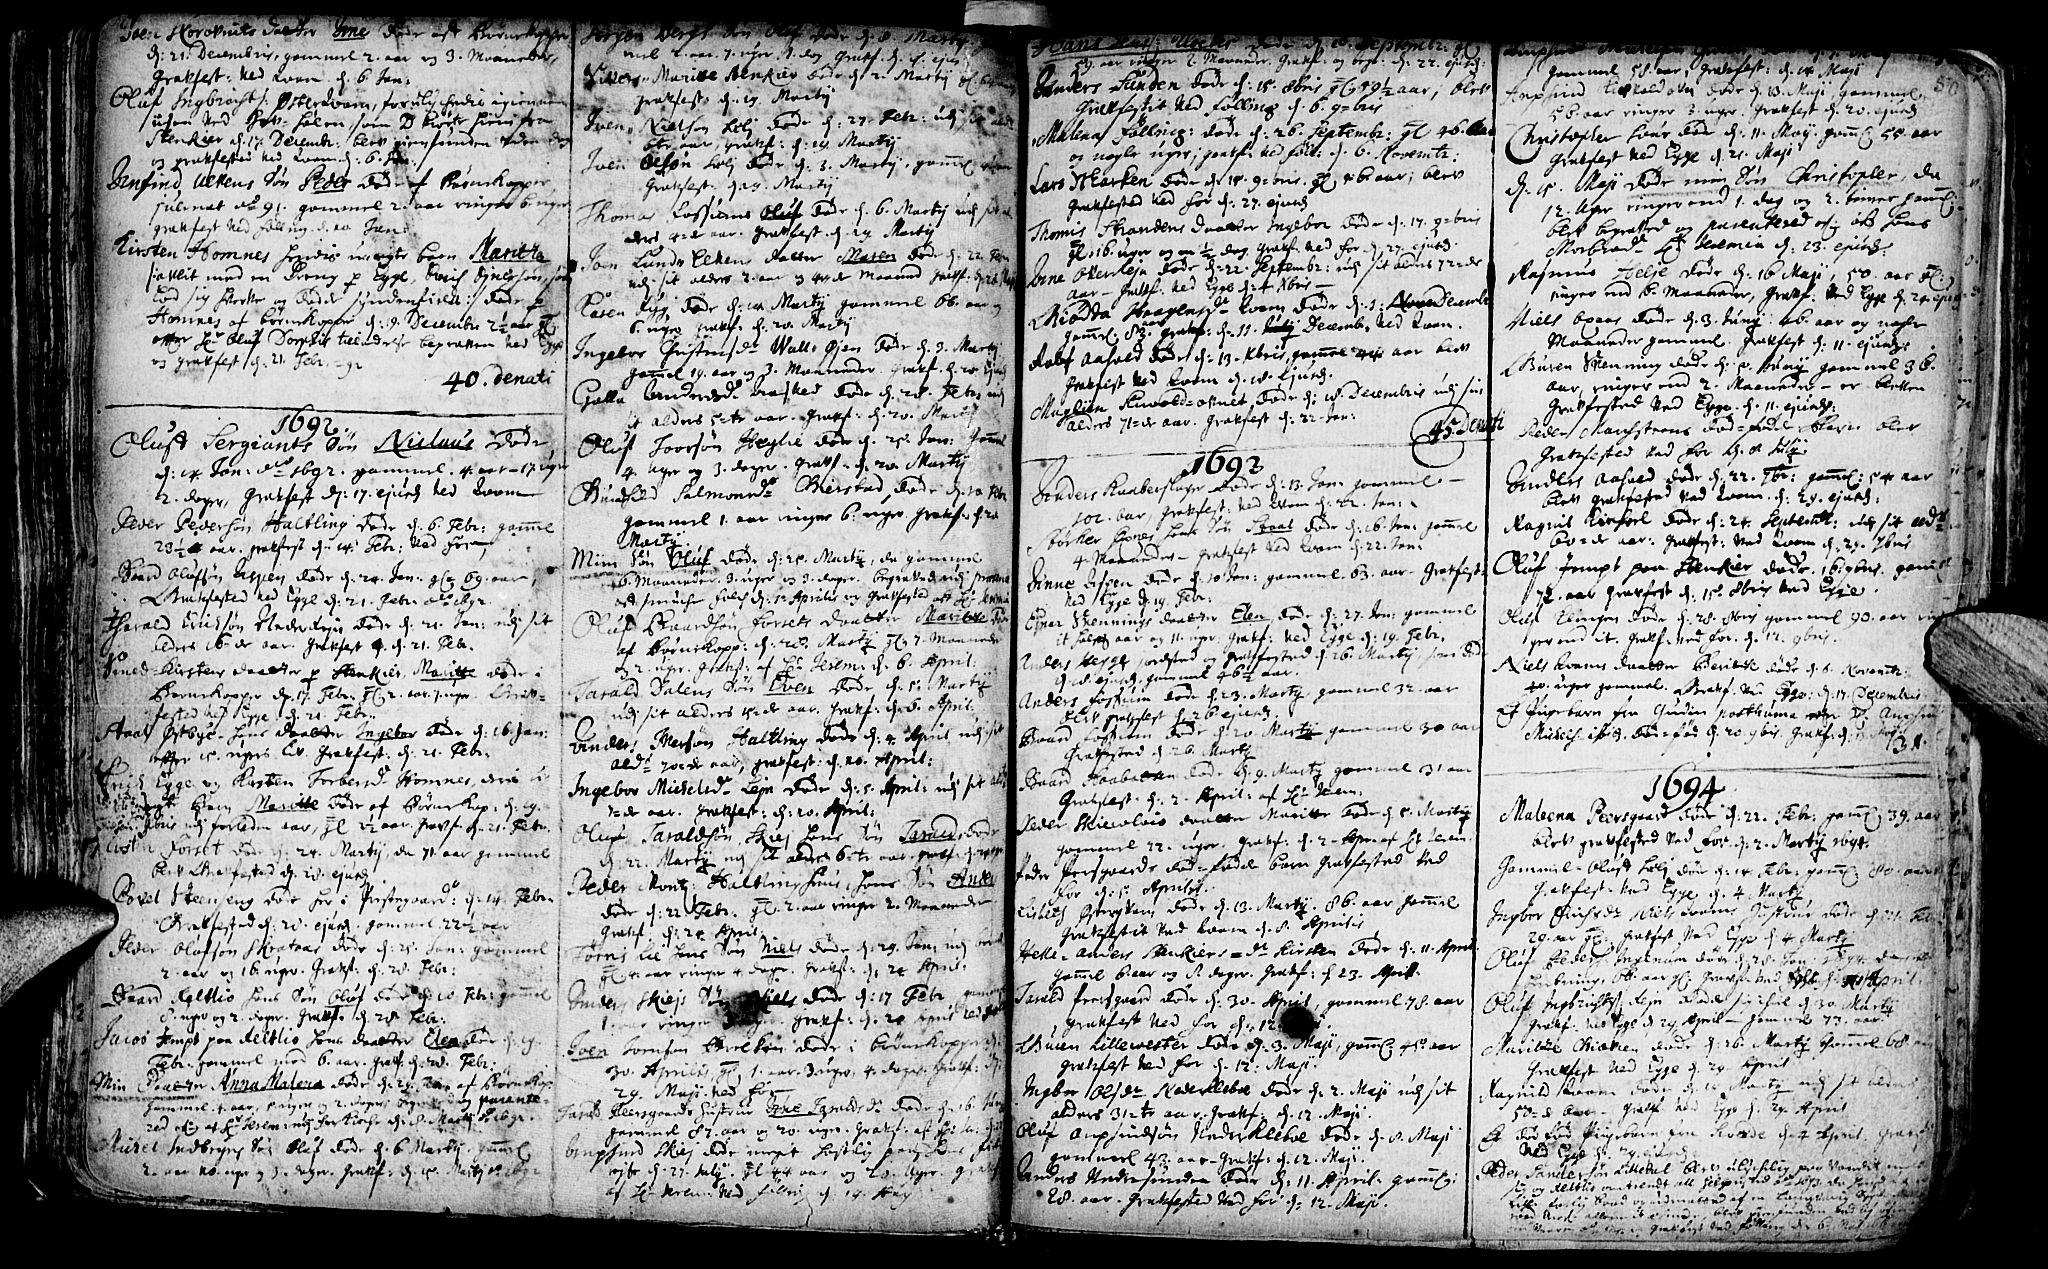 SAT, Ministerialprotokoller, klokkerbøker og fødselsregistre - Nord-Trøndelag, 746/L0439: Ministerialbok nr. 746A01, 1688-1759, s. 50